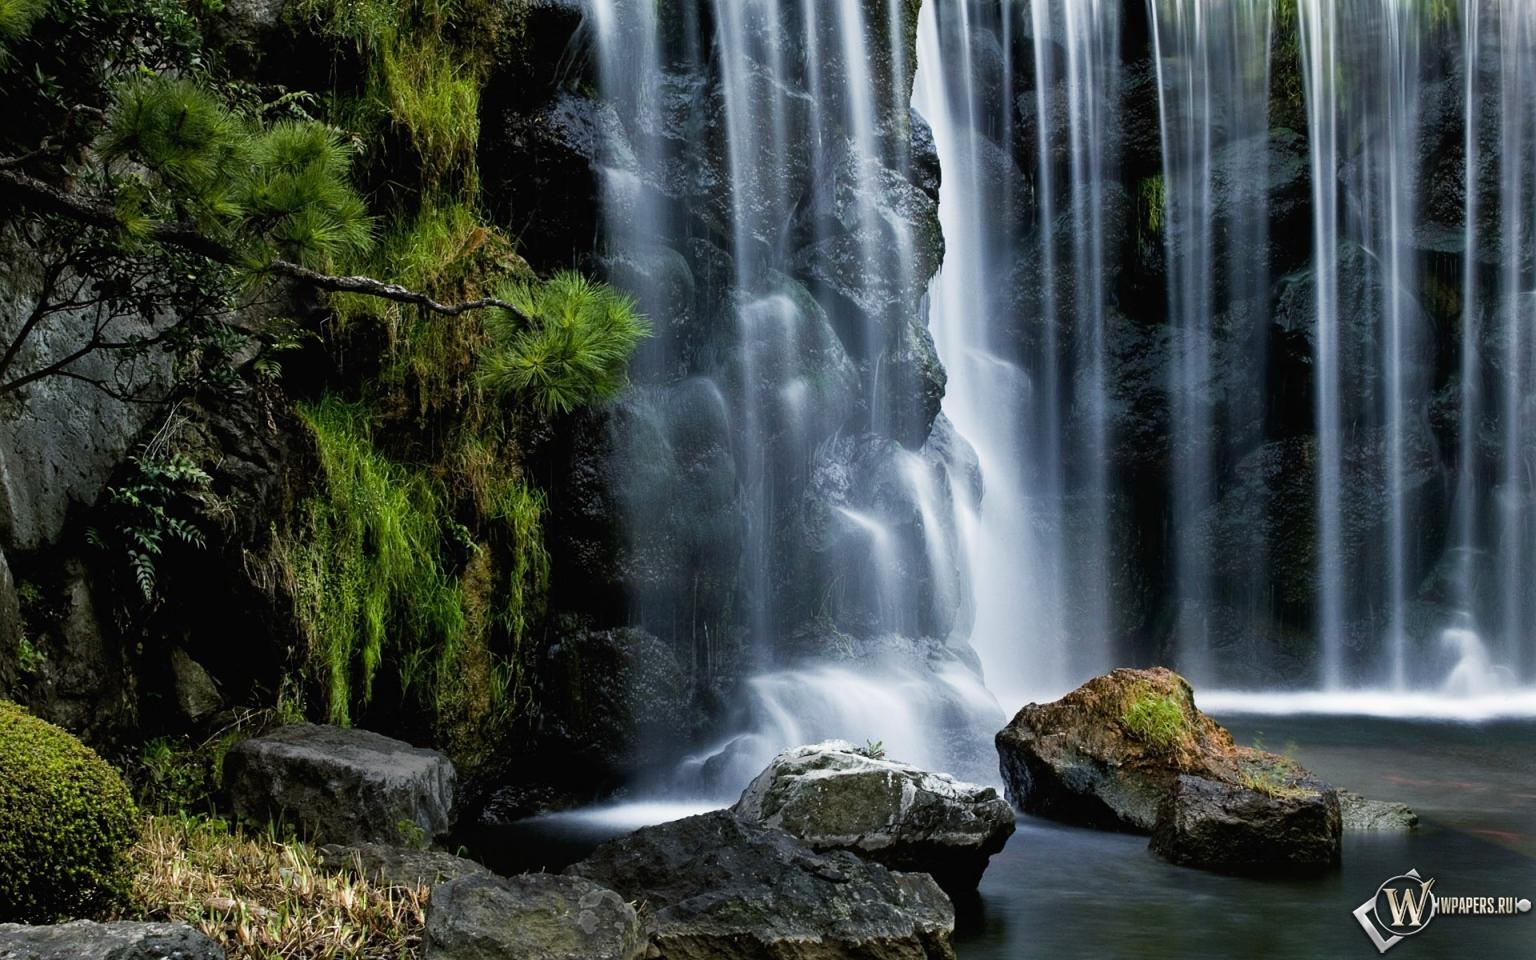 Водопад 1536x960